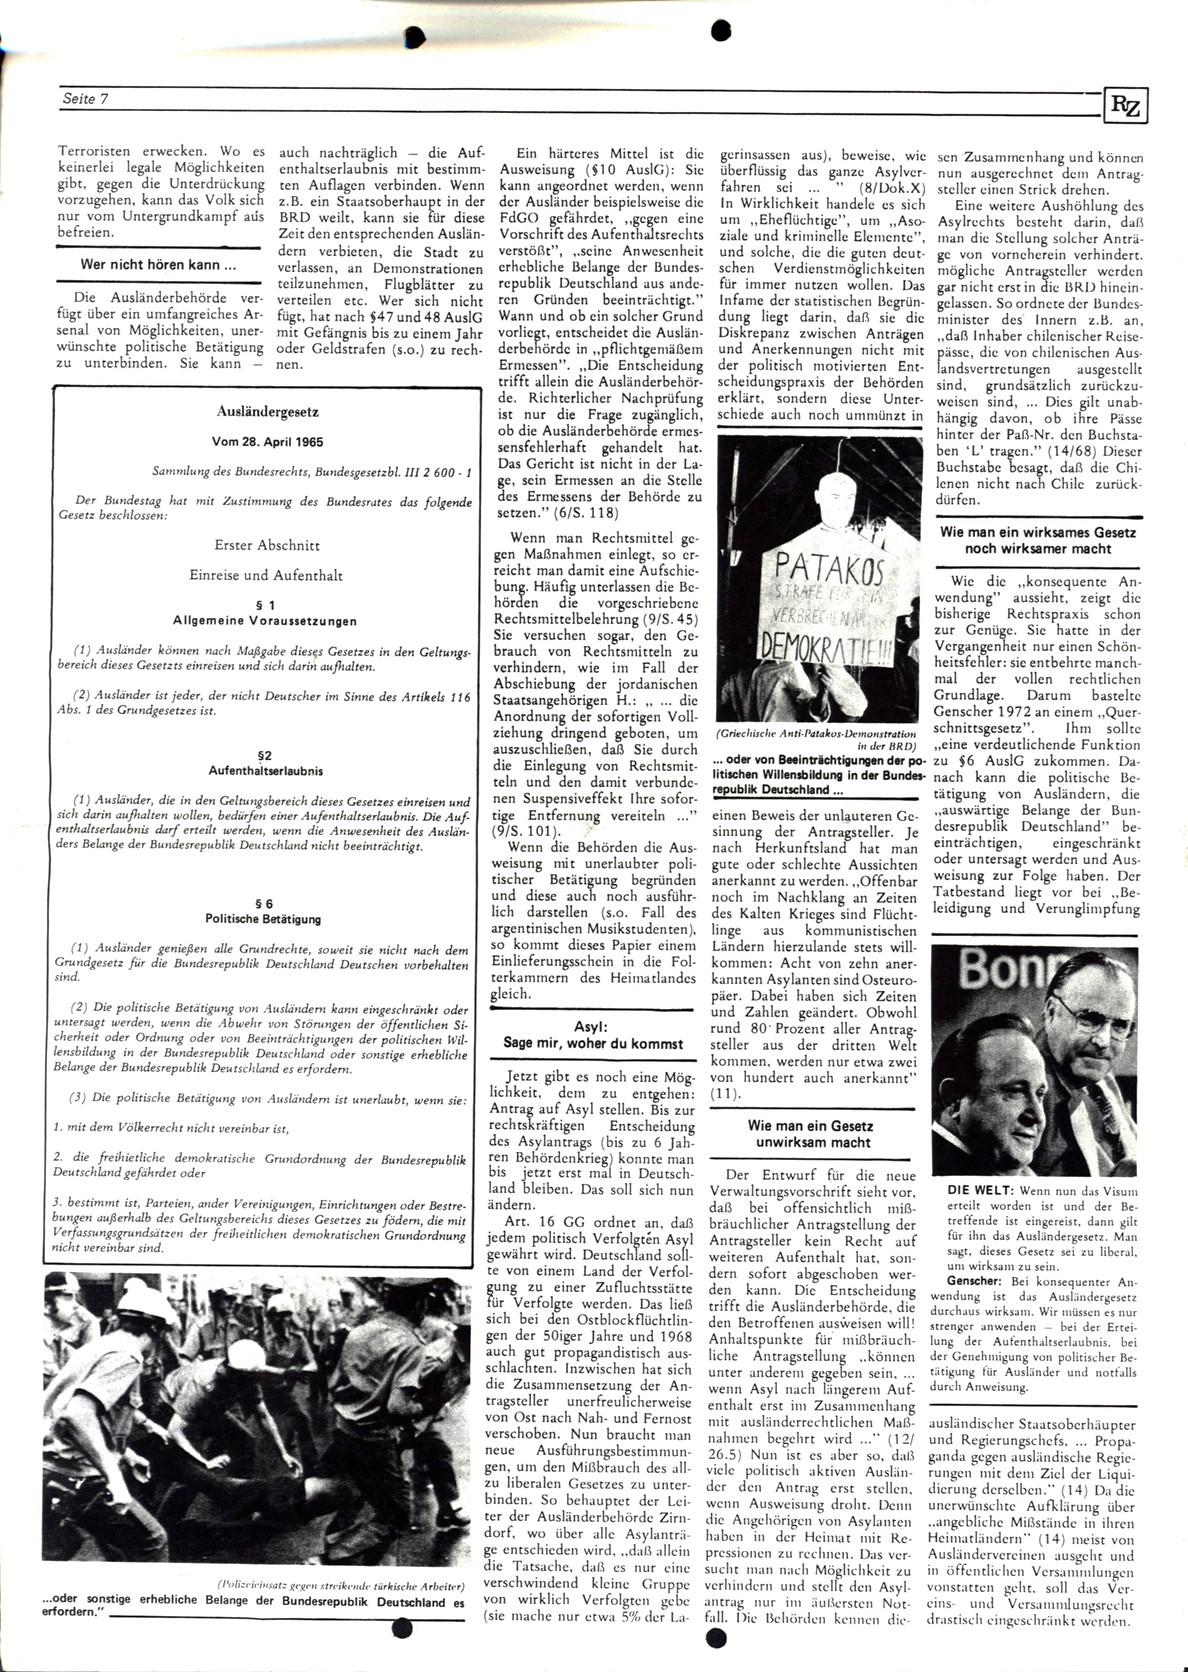 Bonn_RZ_12_19771100_07